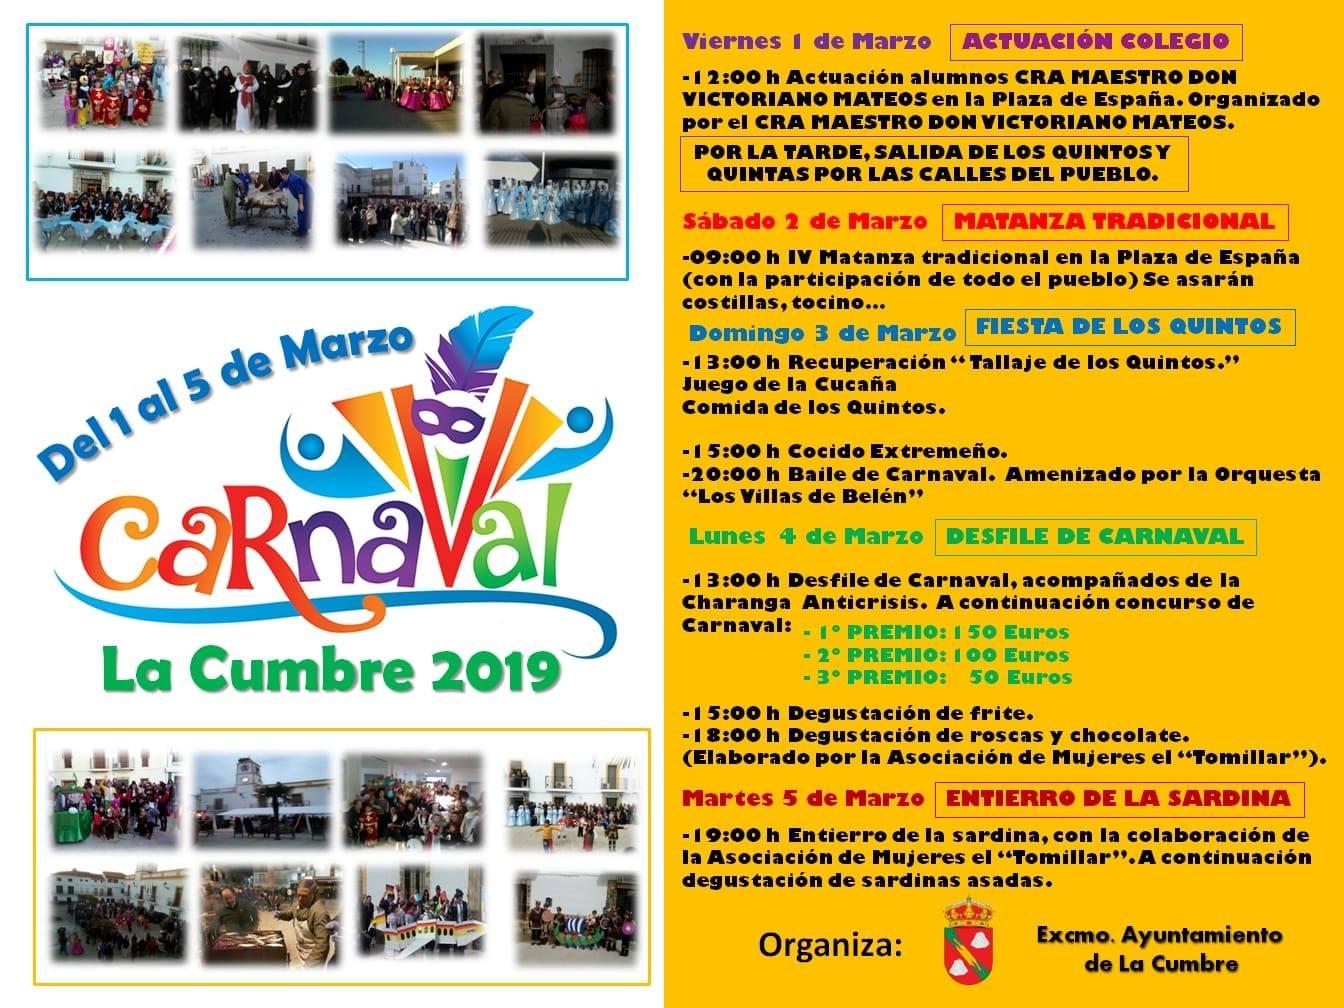 Carnaval 2019 - La Cumbre (Cáceres)